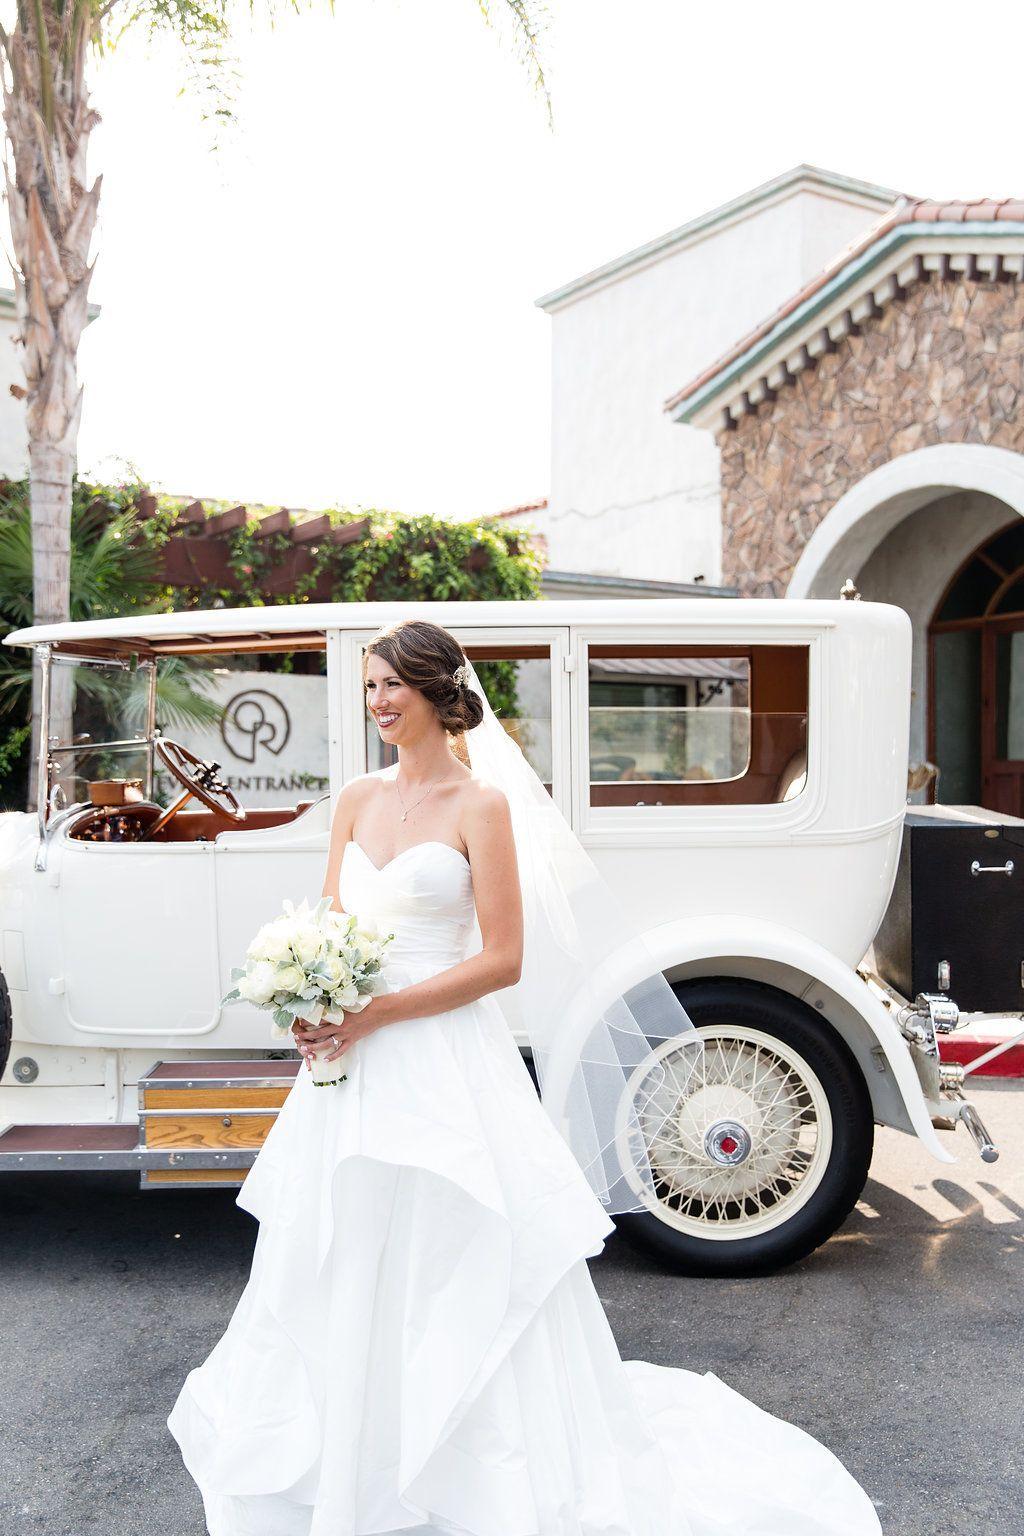 Gorgeous Wedding Photos - Gorgeous Seal Beach Wedding ...